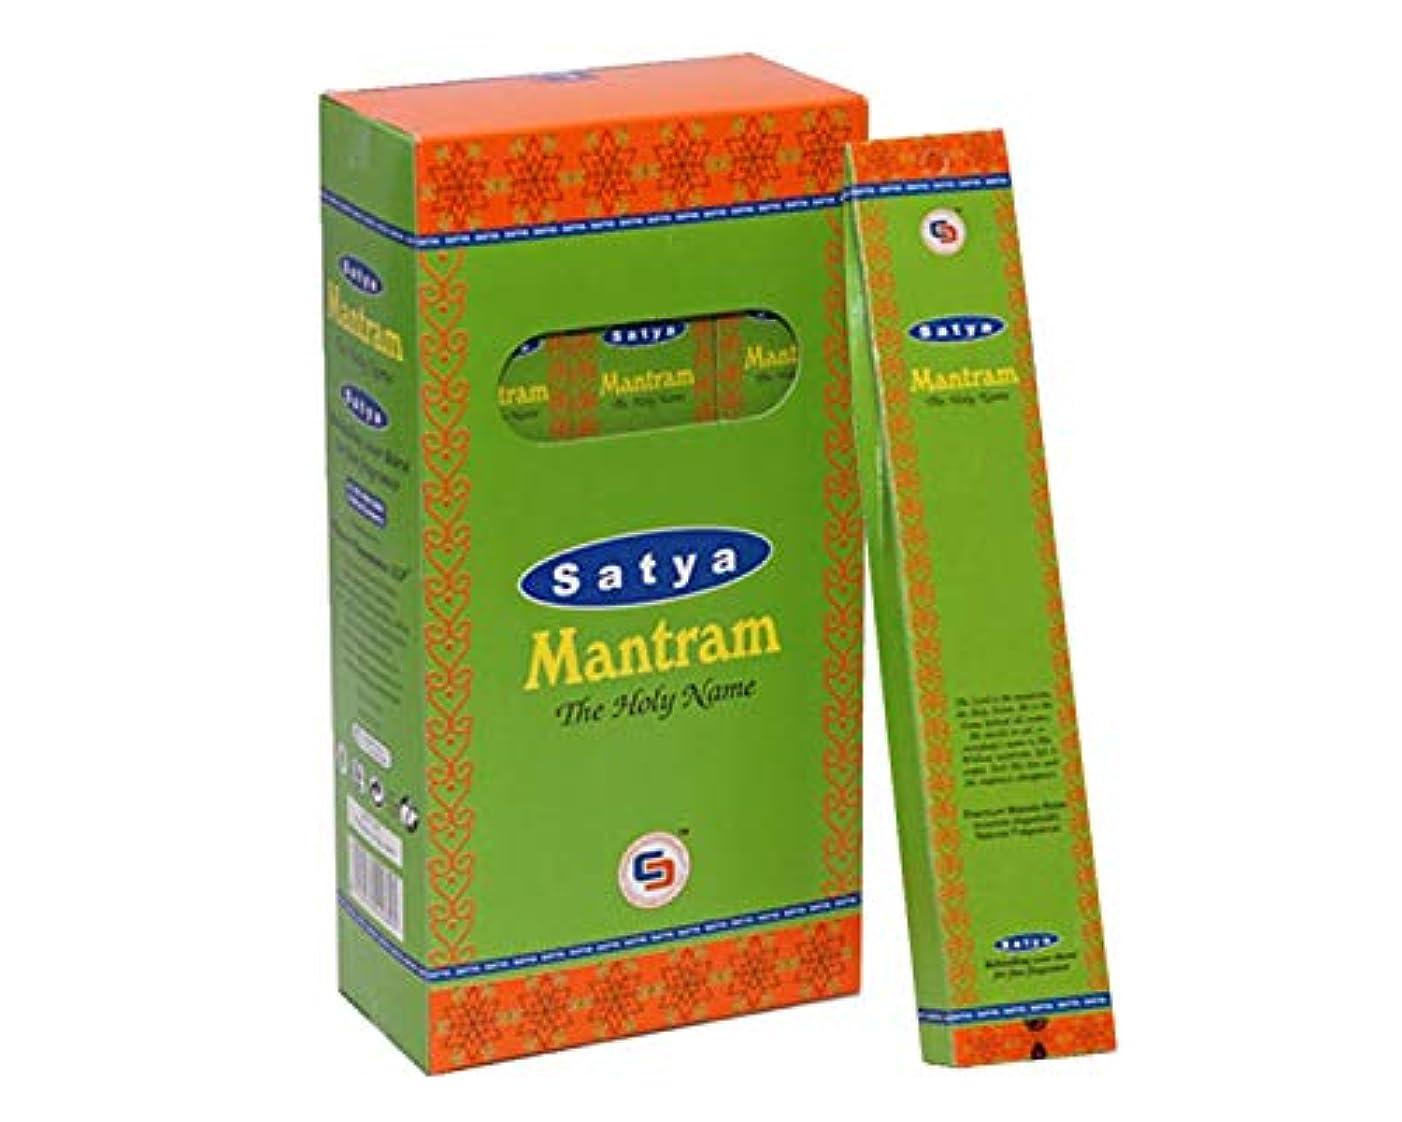 病な前提信頼できるSatya Mantram お香スティック Agarbatti 180グラムボックス | 箱入り12パック | 輸出品質